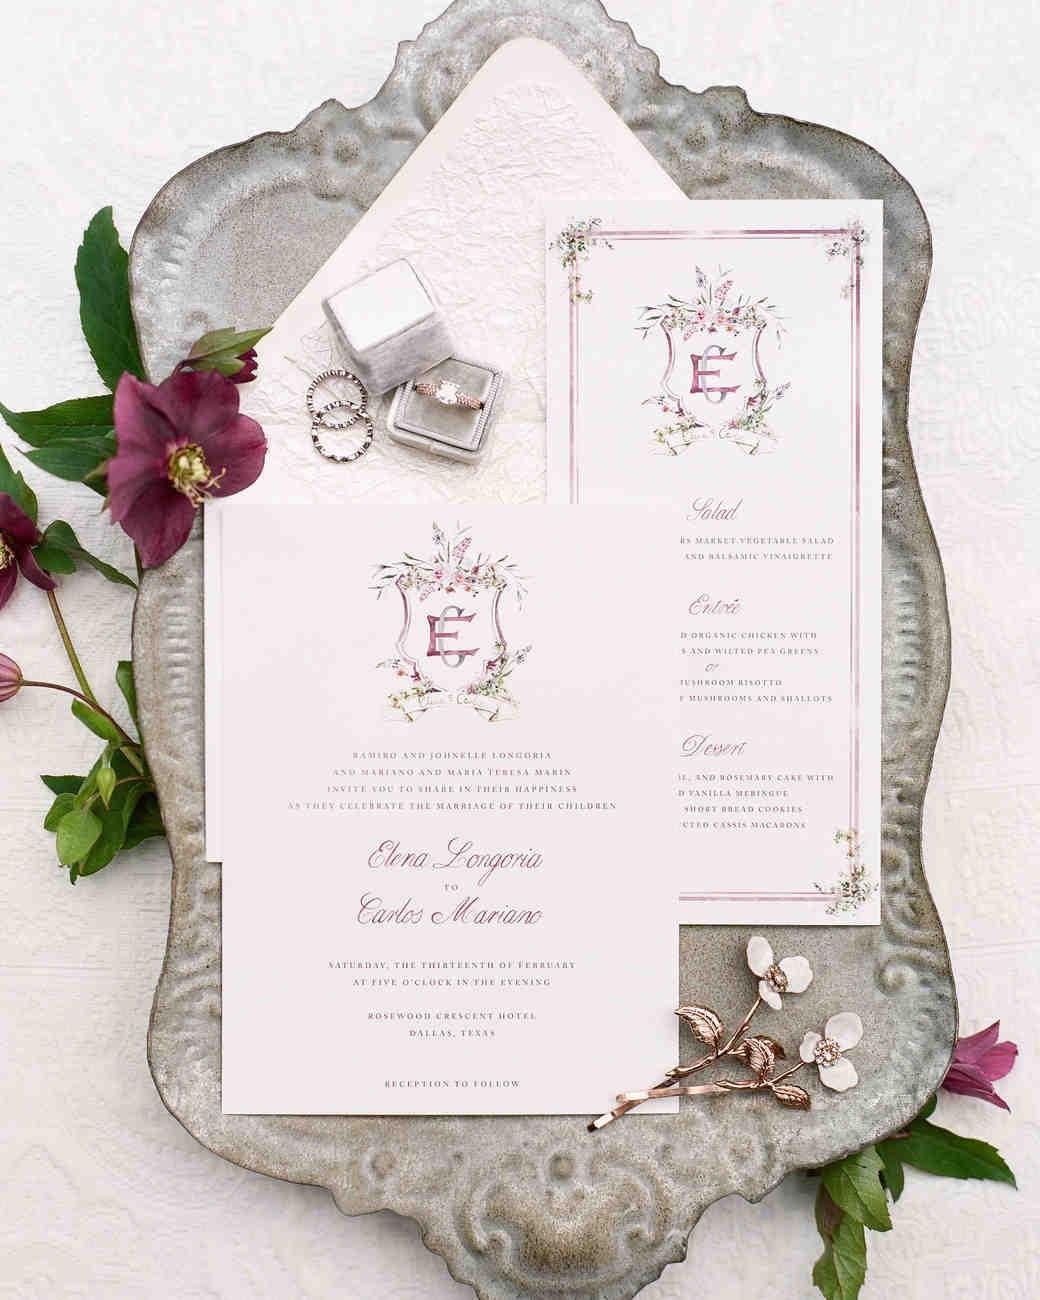 Elegant white wedding invitation suite with floral monogram